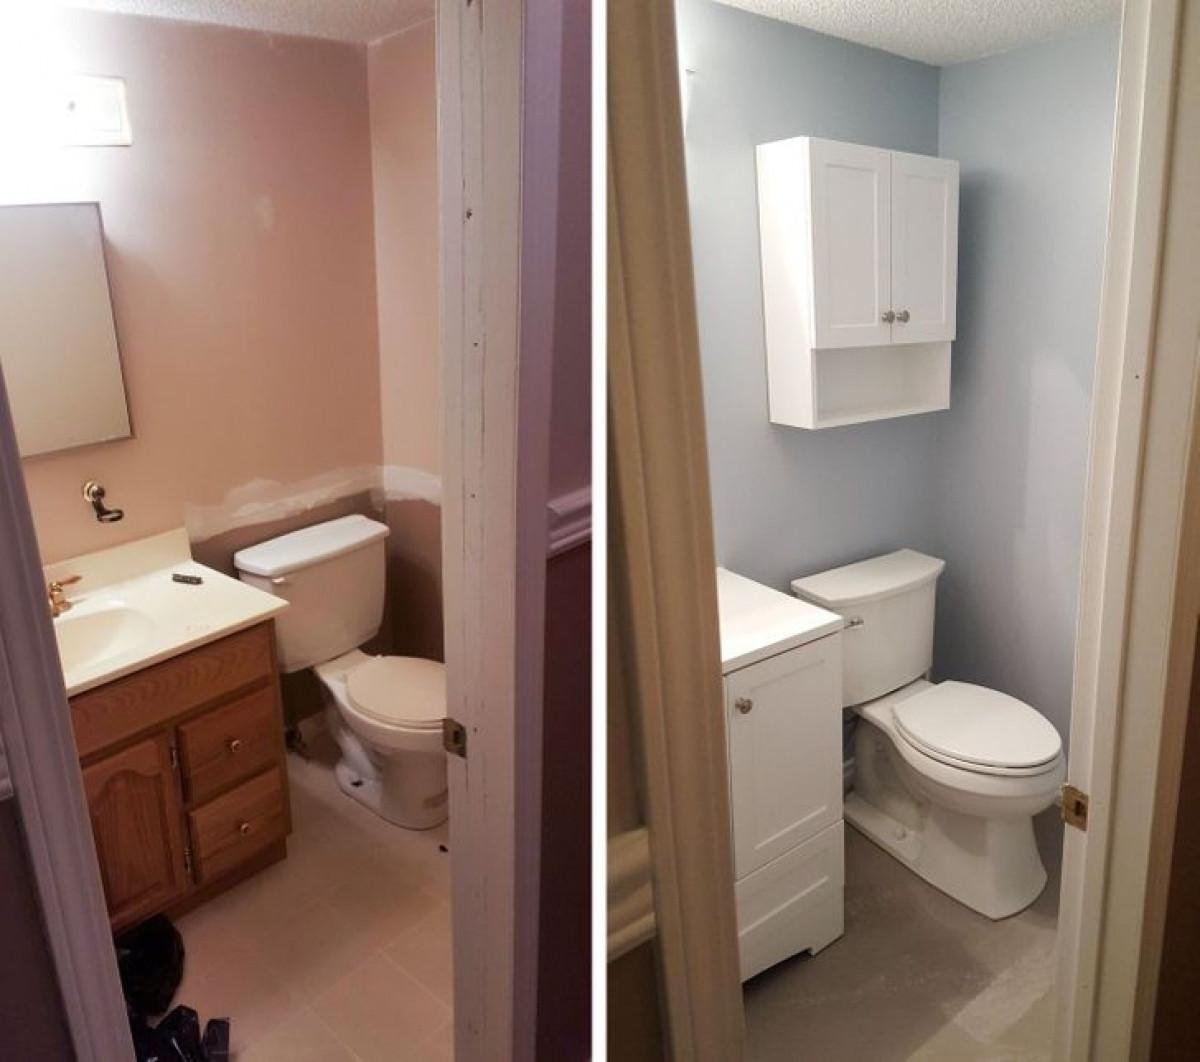 Nếu không gian nhà tắm của bạn quá chật hẹp, tại sao bạn không nghĩ đến việc đóng thêm một chiếc tủ nhỏ xinh xắn để lưu trữ đồ đạc?